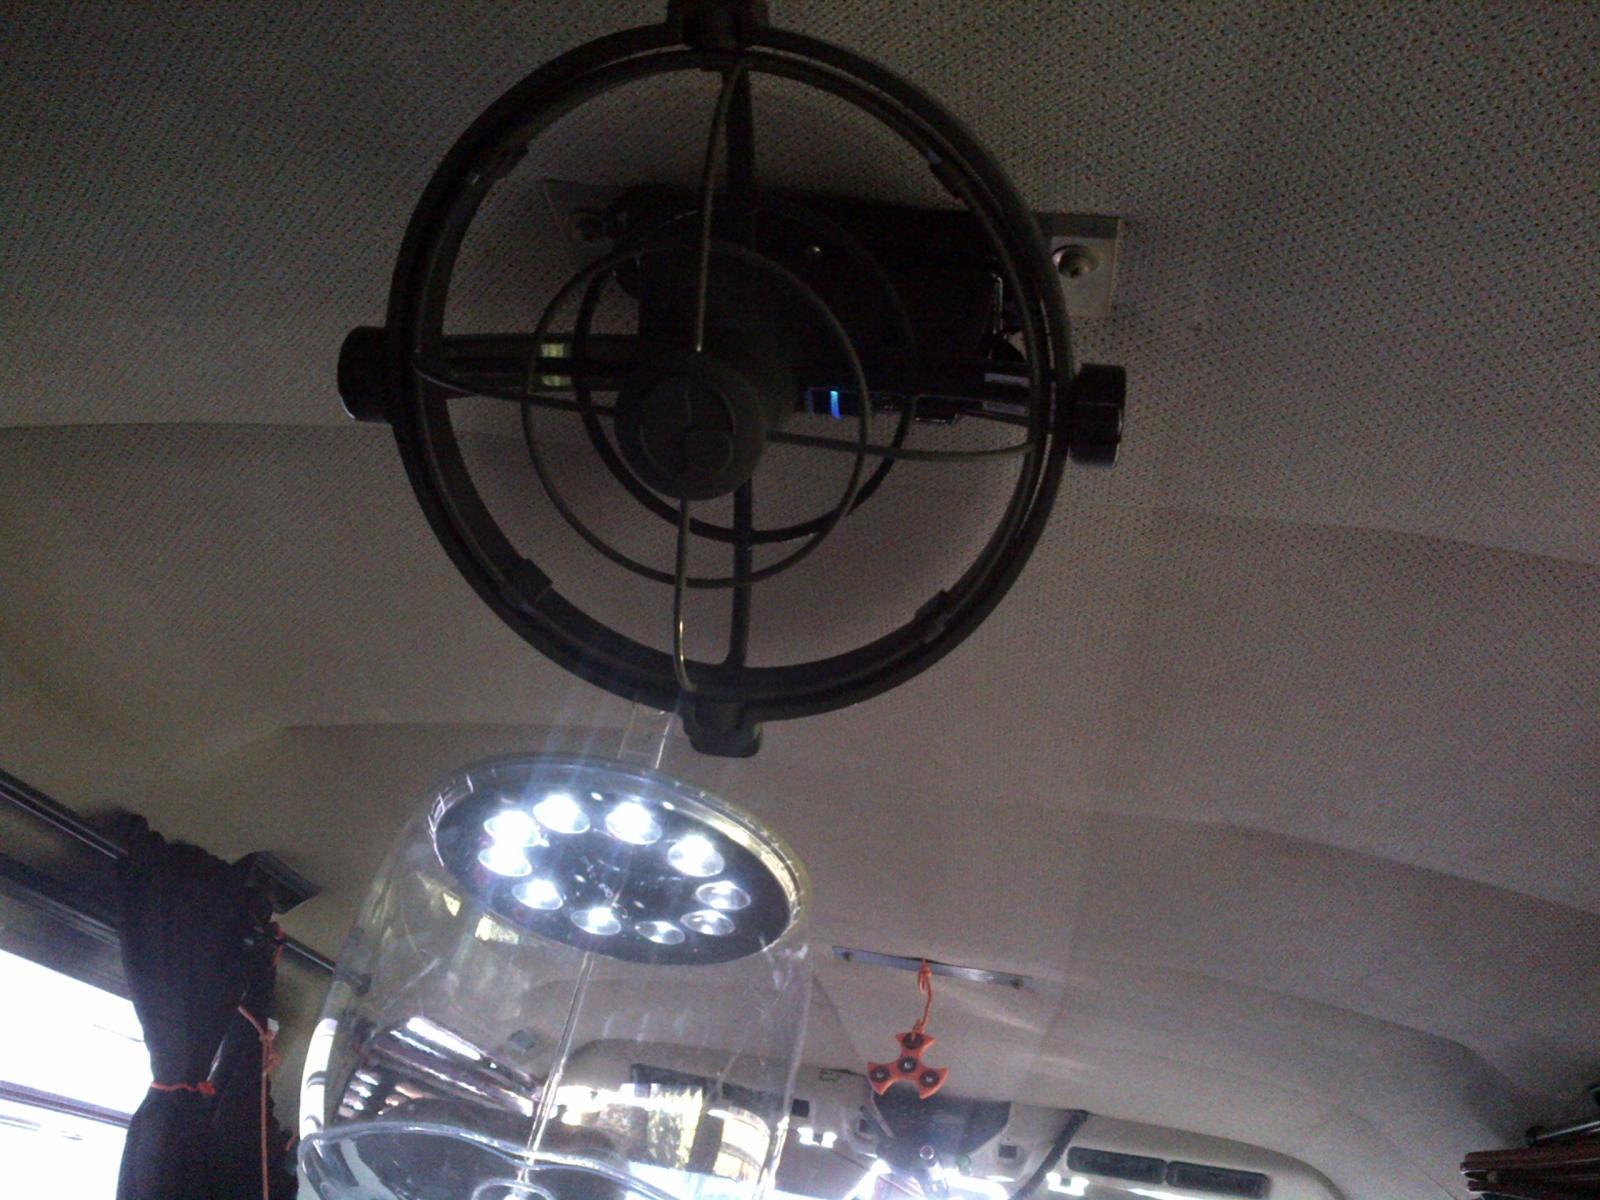 solar panel & fan